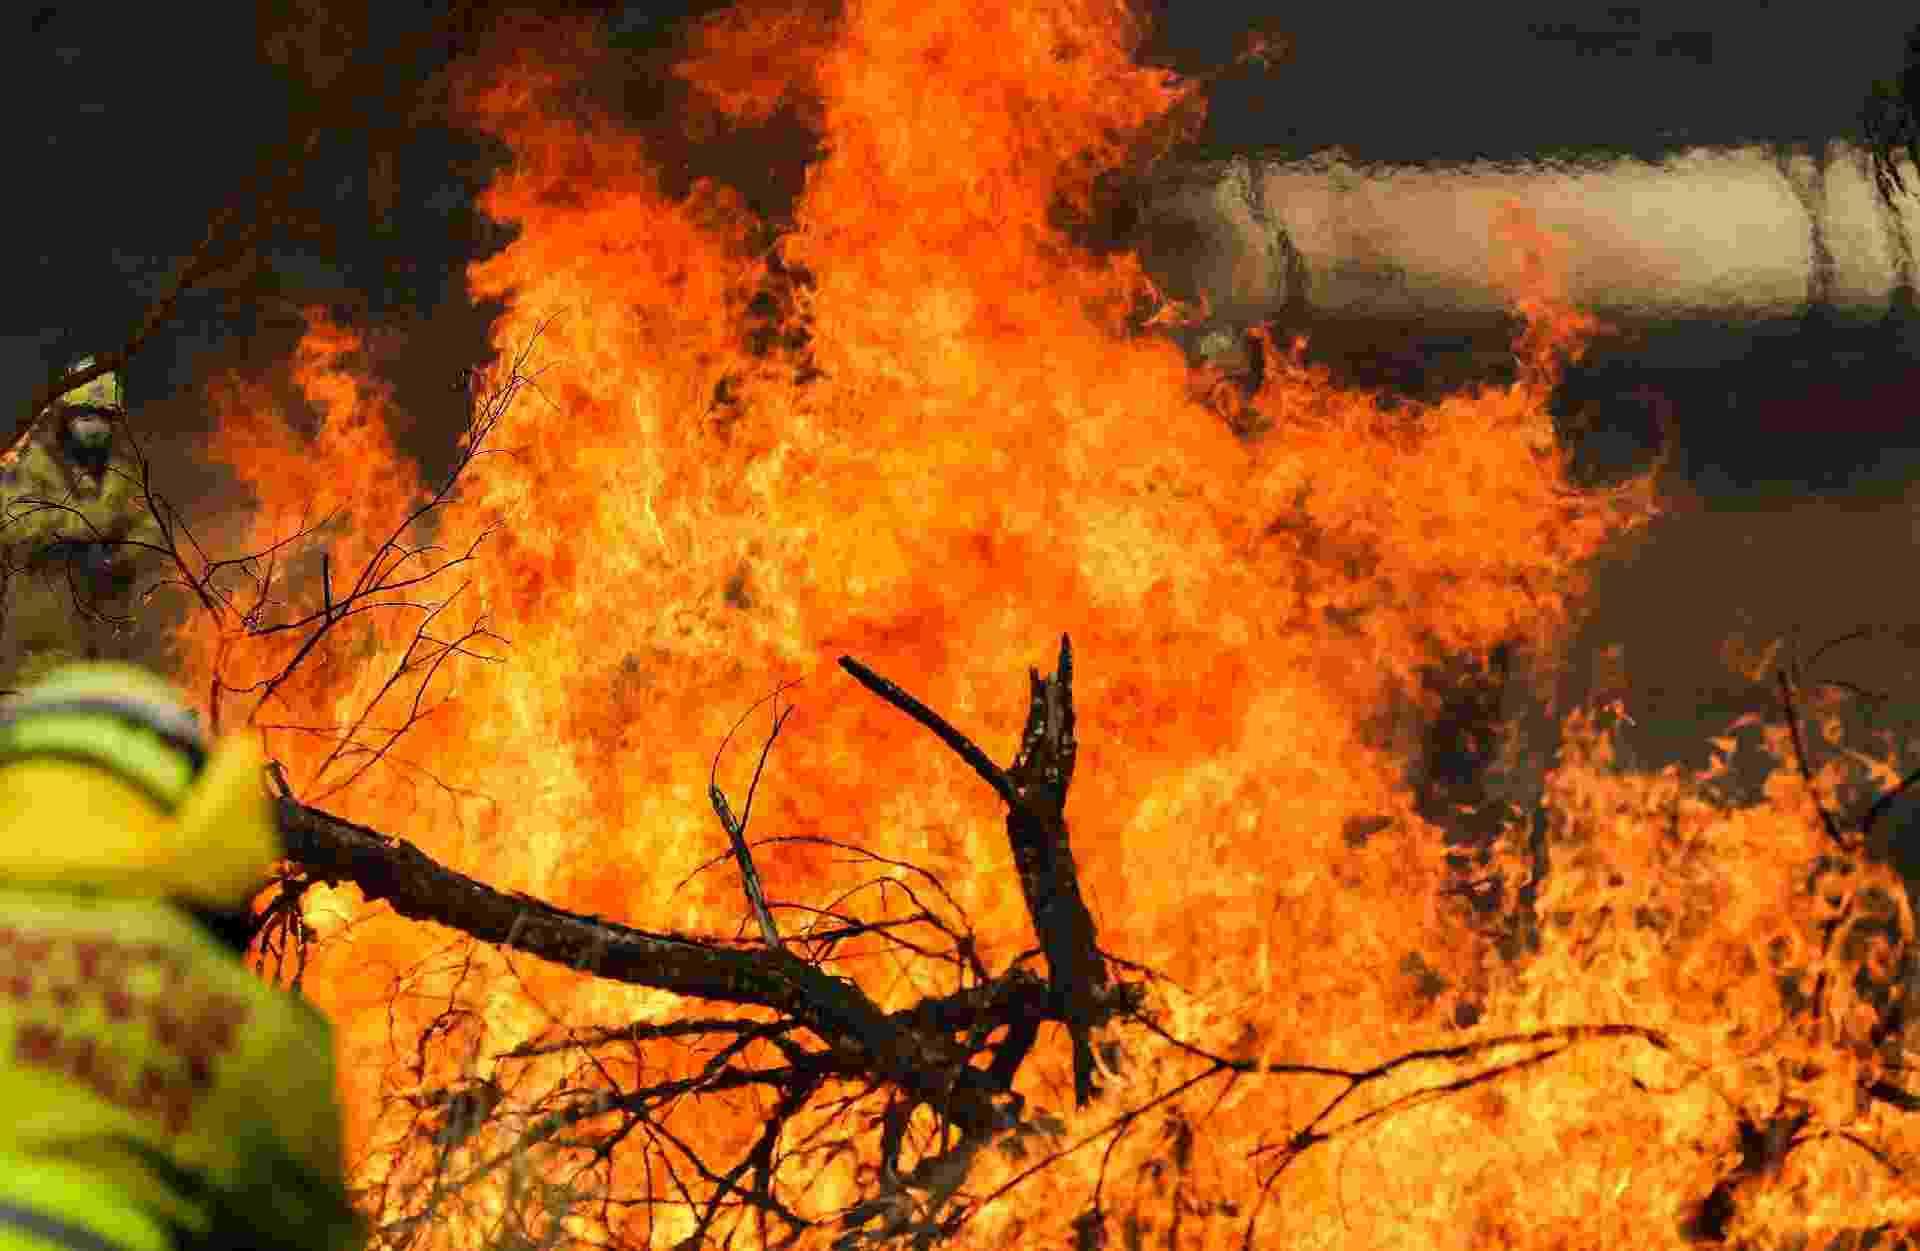 Imagem de 11 de novembro de 2019 mostra incêndio florestal em Taree, Nova Gales do Sul, na Austrália - Xinhua/Bai Xuefei